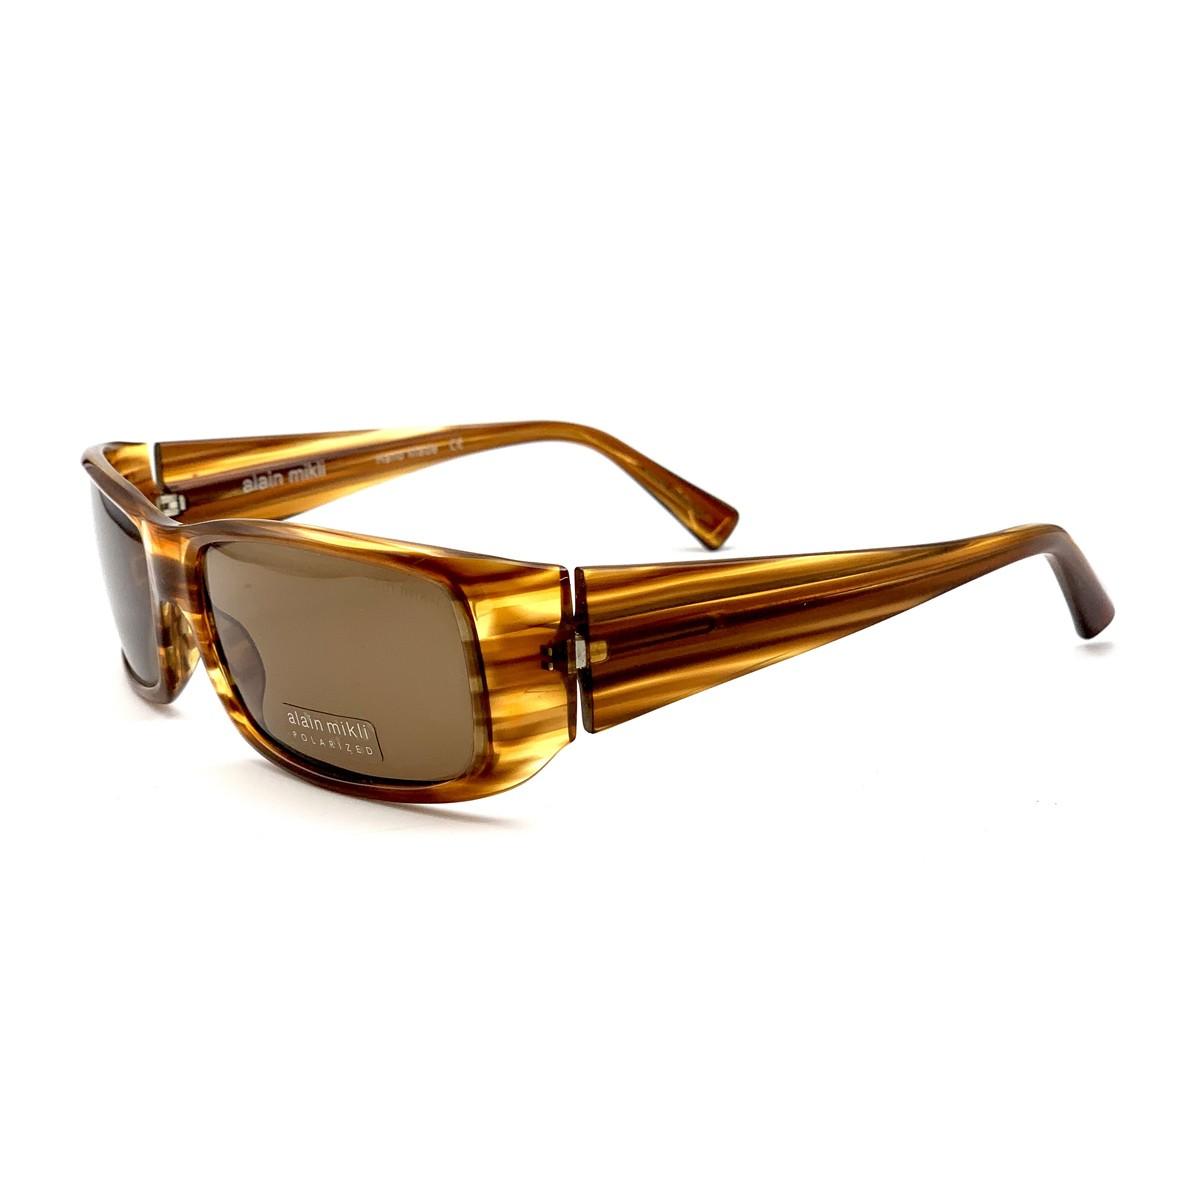 Alain Mikli A0486 Polarizzato   Occhiali da sole Unisex